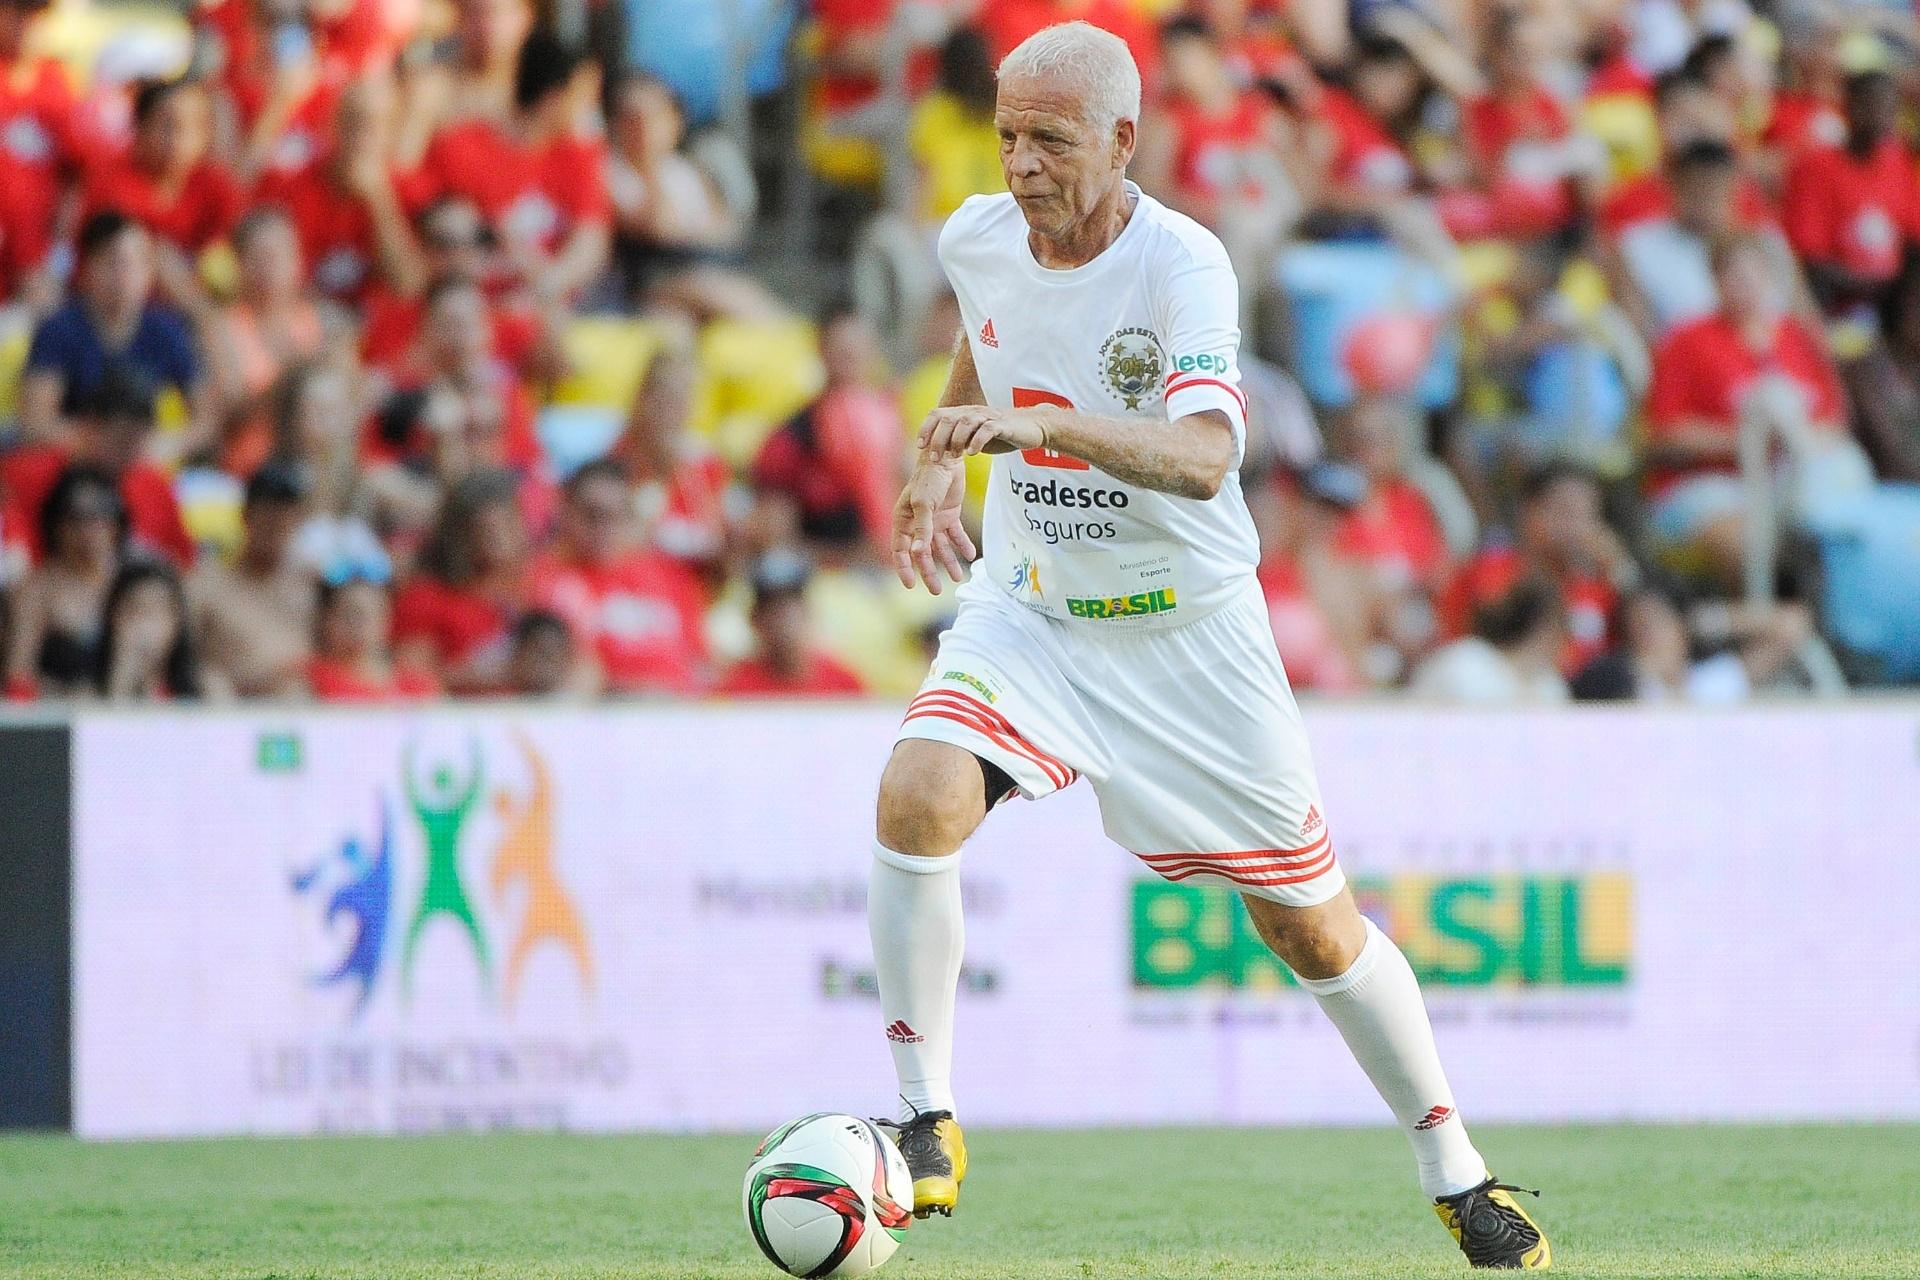 Ademir da Guia conduz a bola no gramado do Maracanã para o Jogo das Estrelas 2014